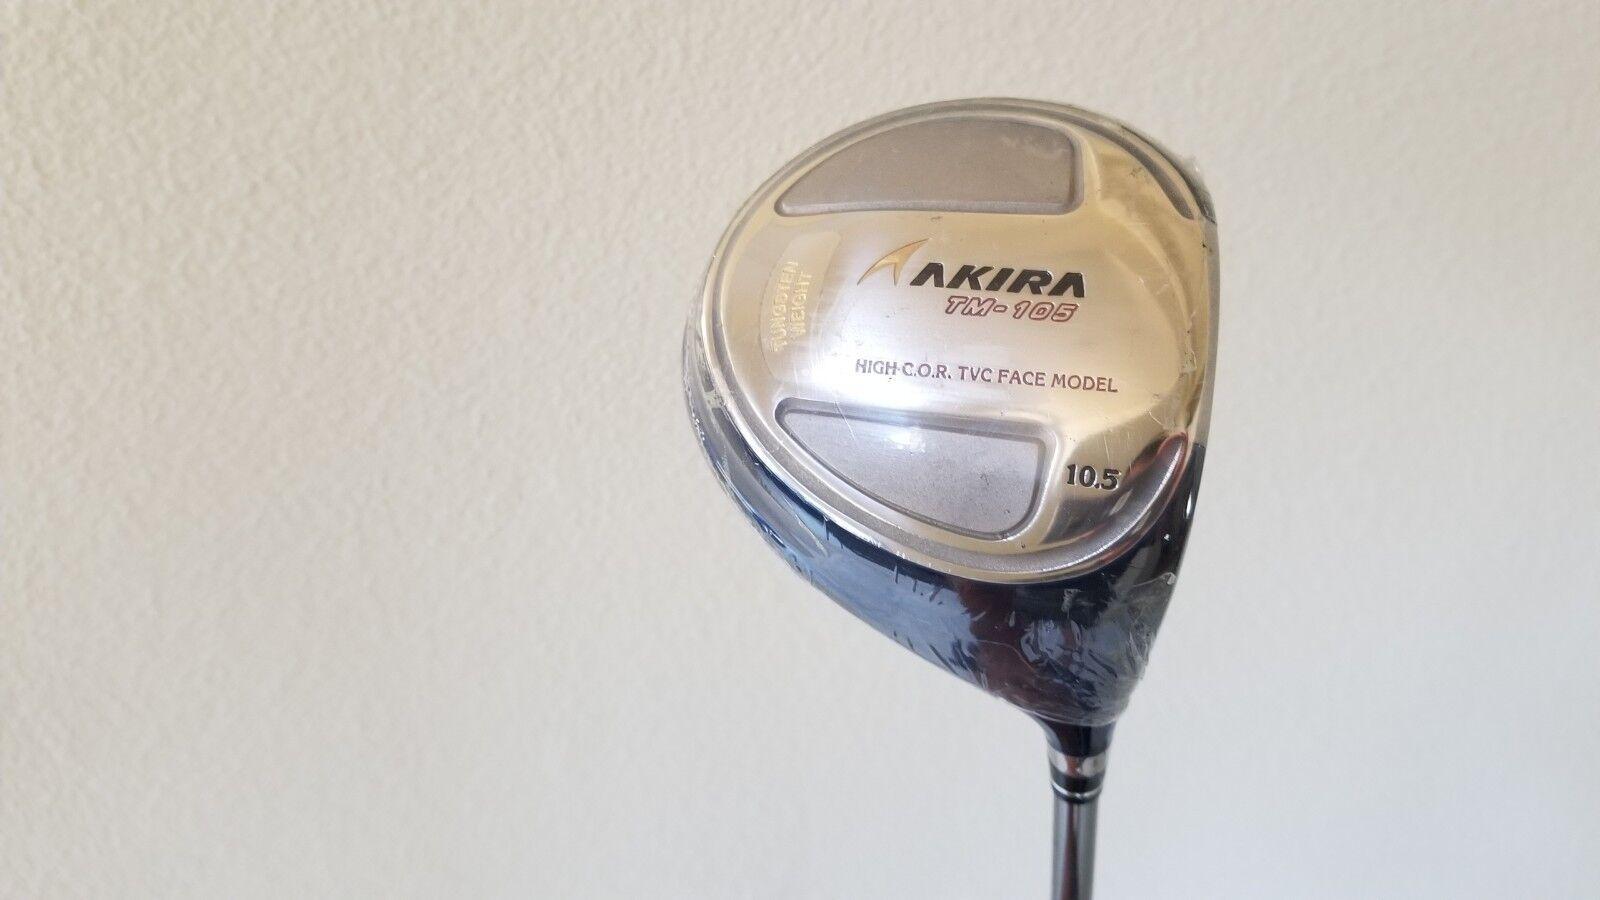 Nuevo Akira TM 105 alta c.o.r. Cochea Controlador R Flex